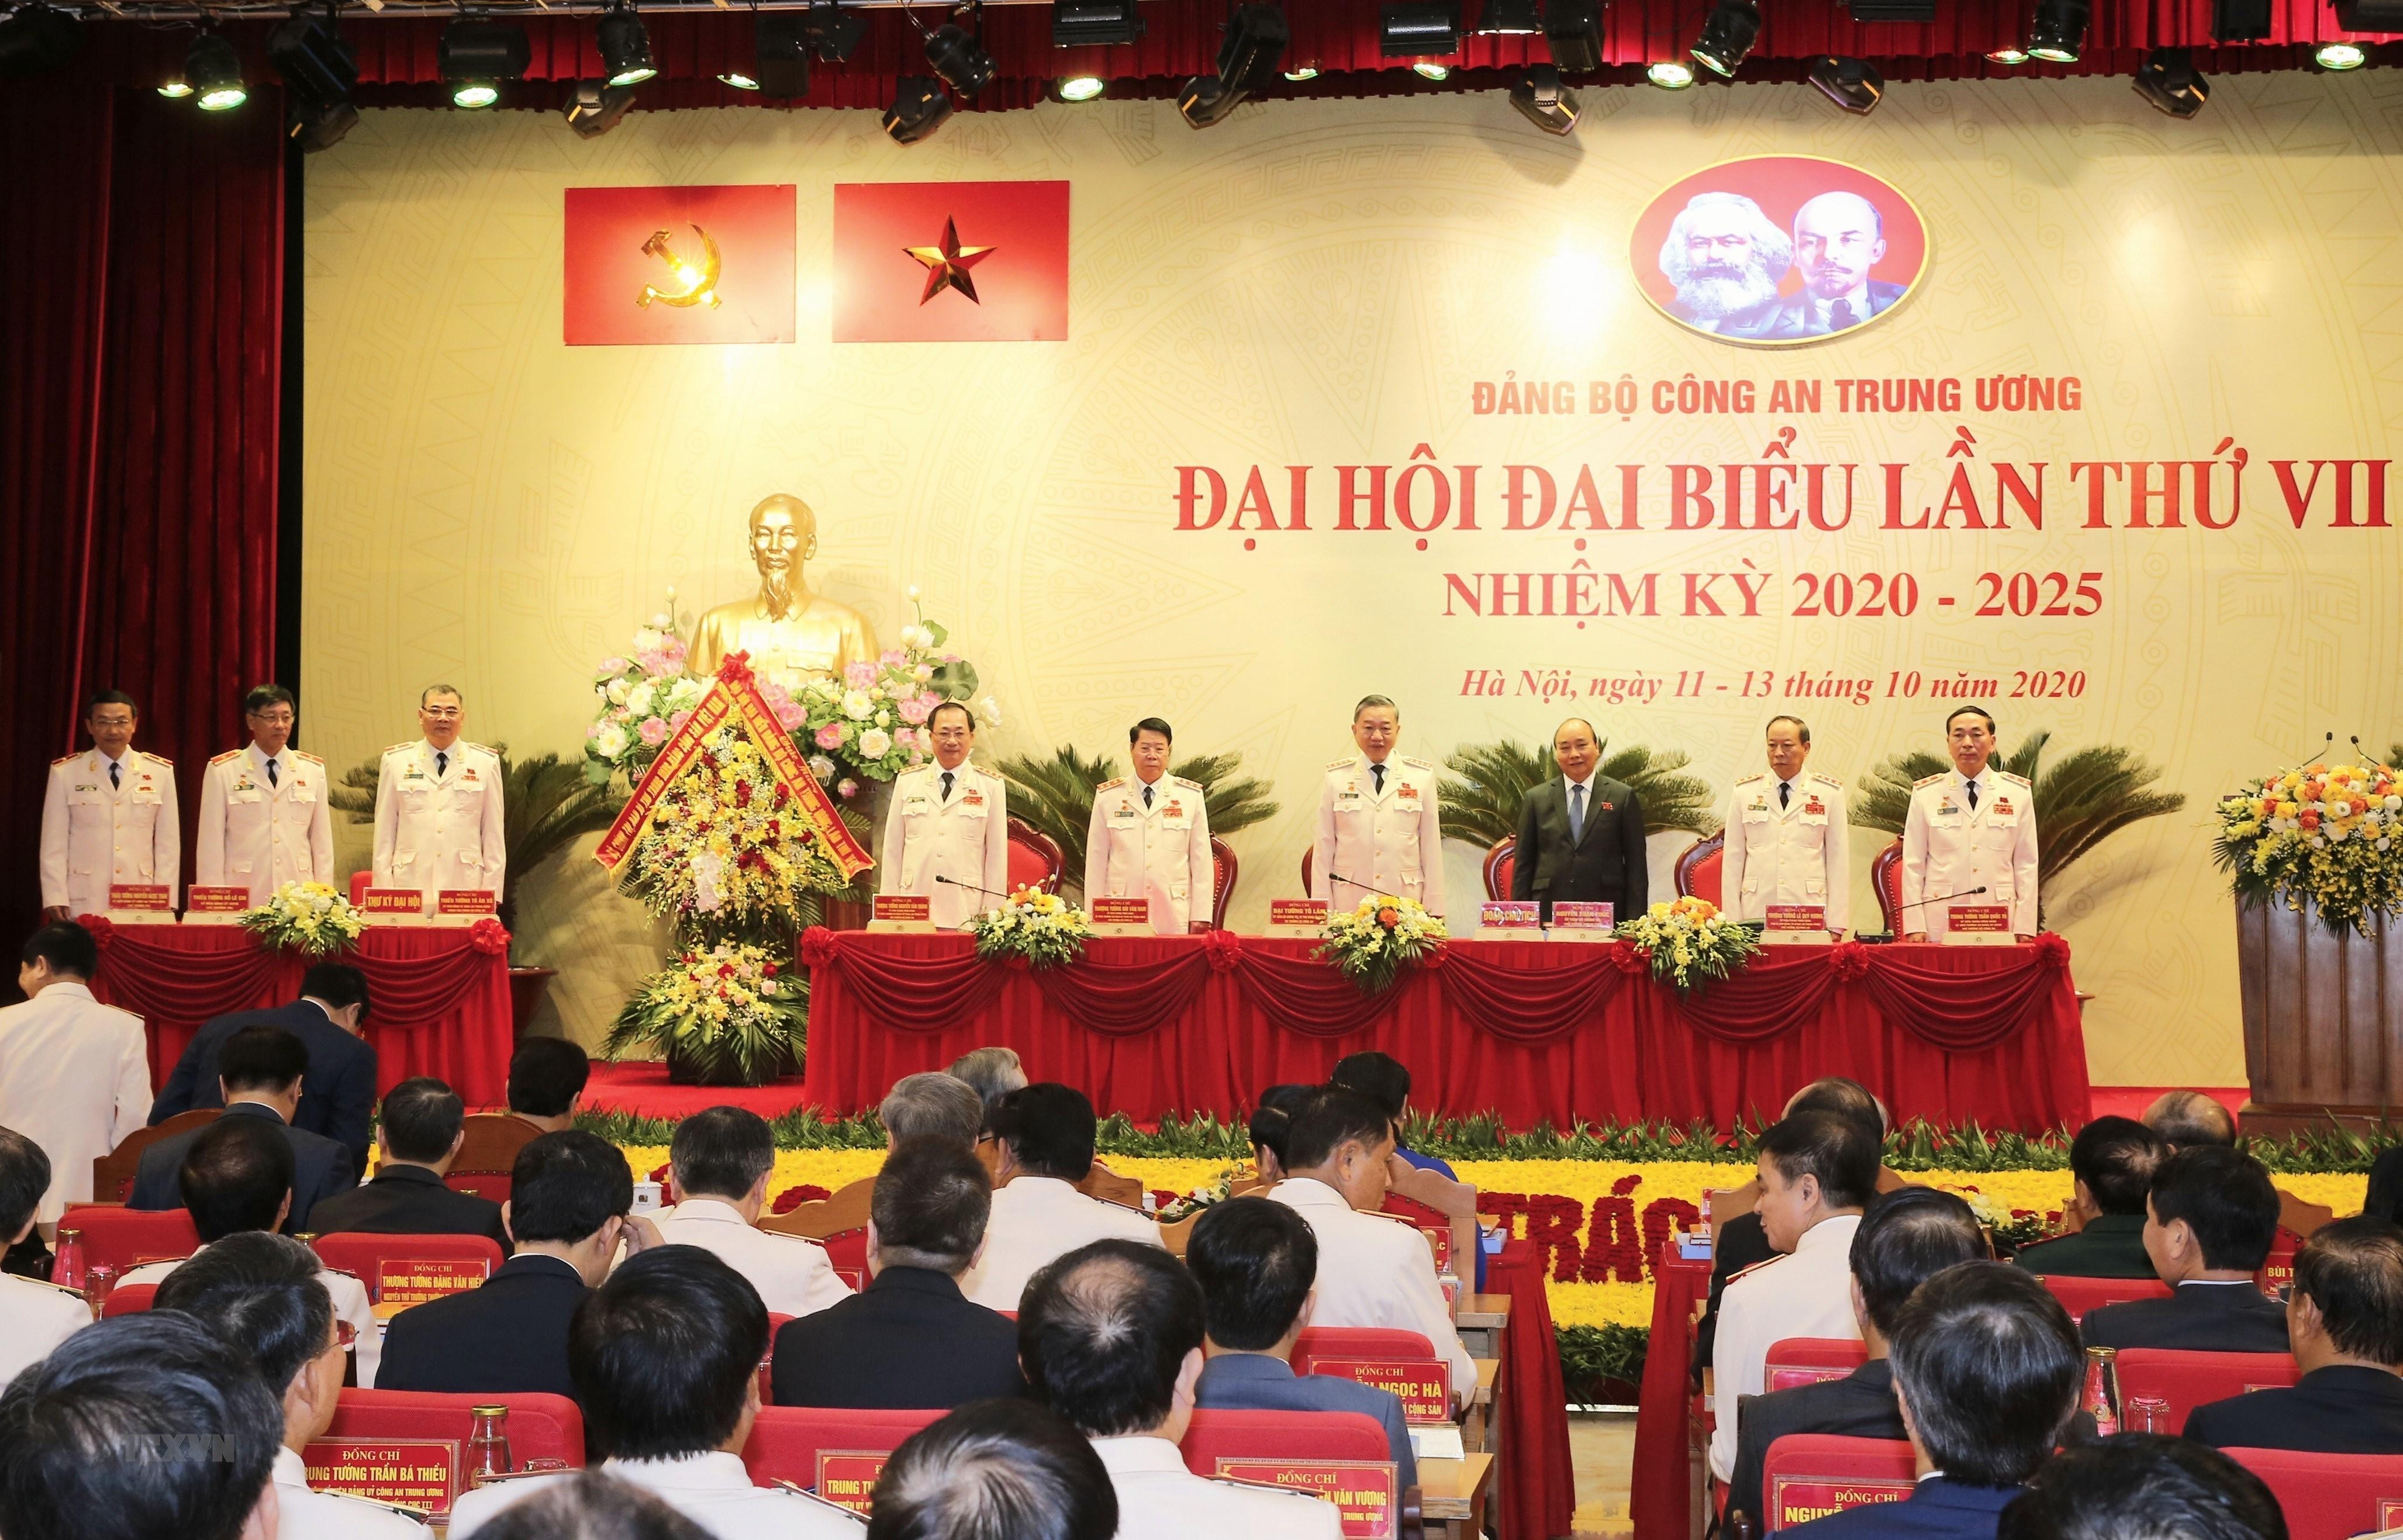 Thu tuong du Dai hoi dai bieu Dang bo Cong an Trung uong lan thu VII hinh anh 12